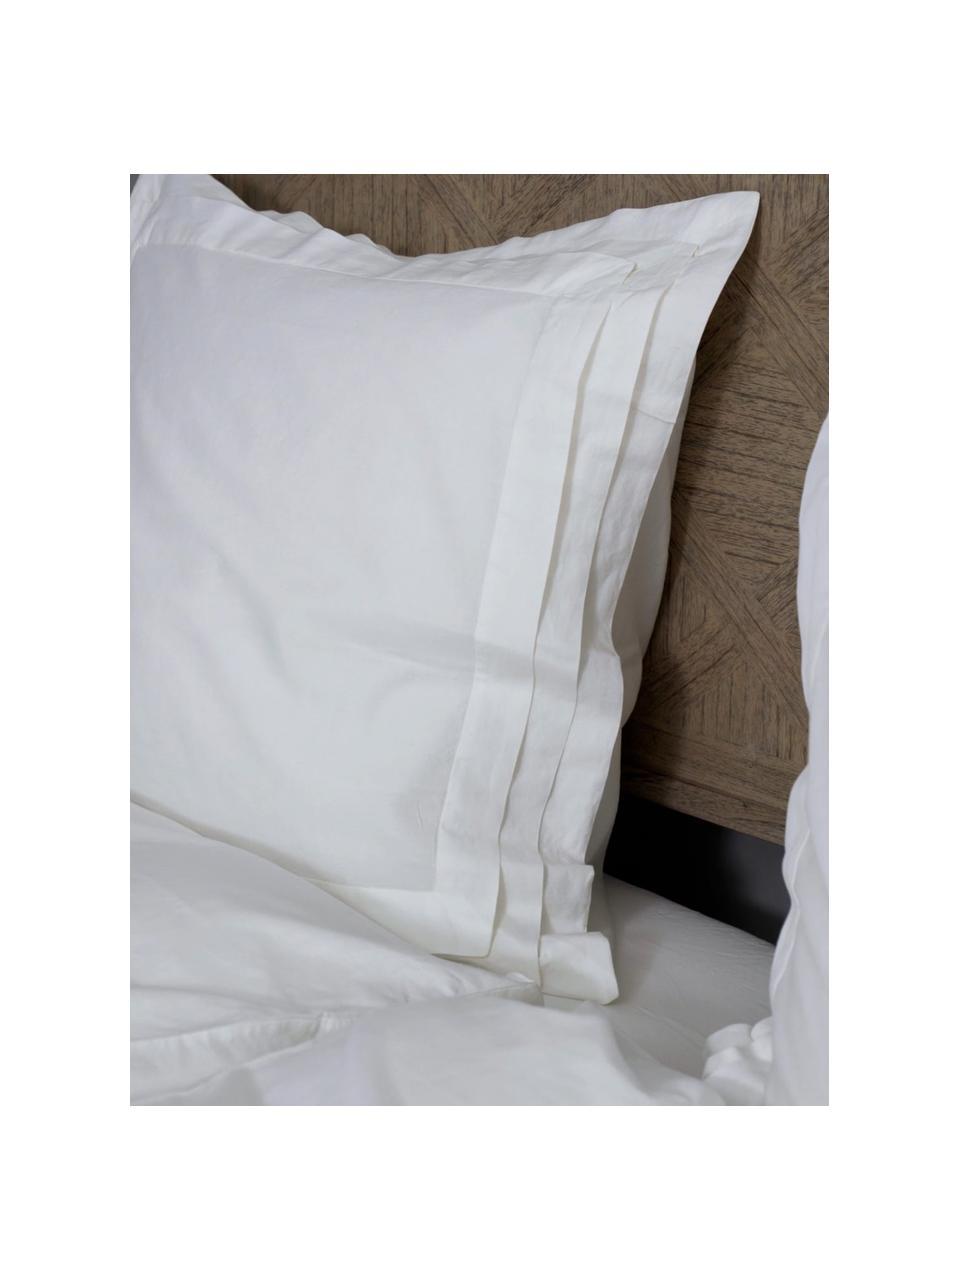 Pościel z lnu z efektem sprania Helena, Biały, 240 x 220 cm + 2 poduszki 80 x 80 cm